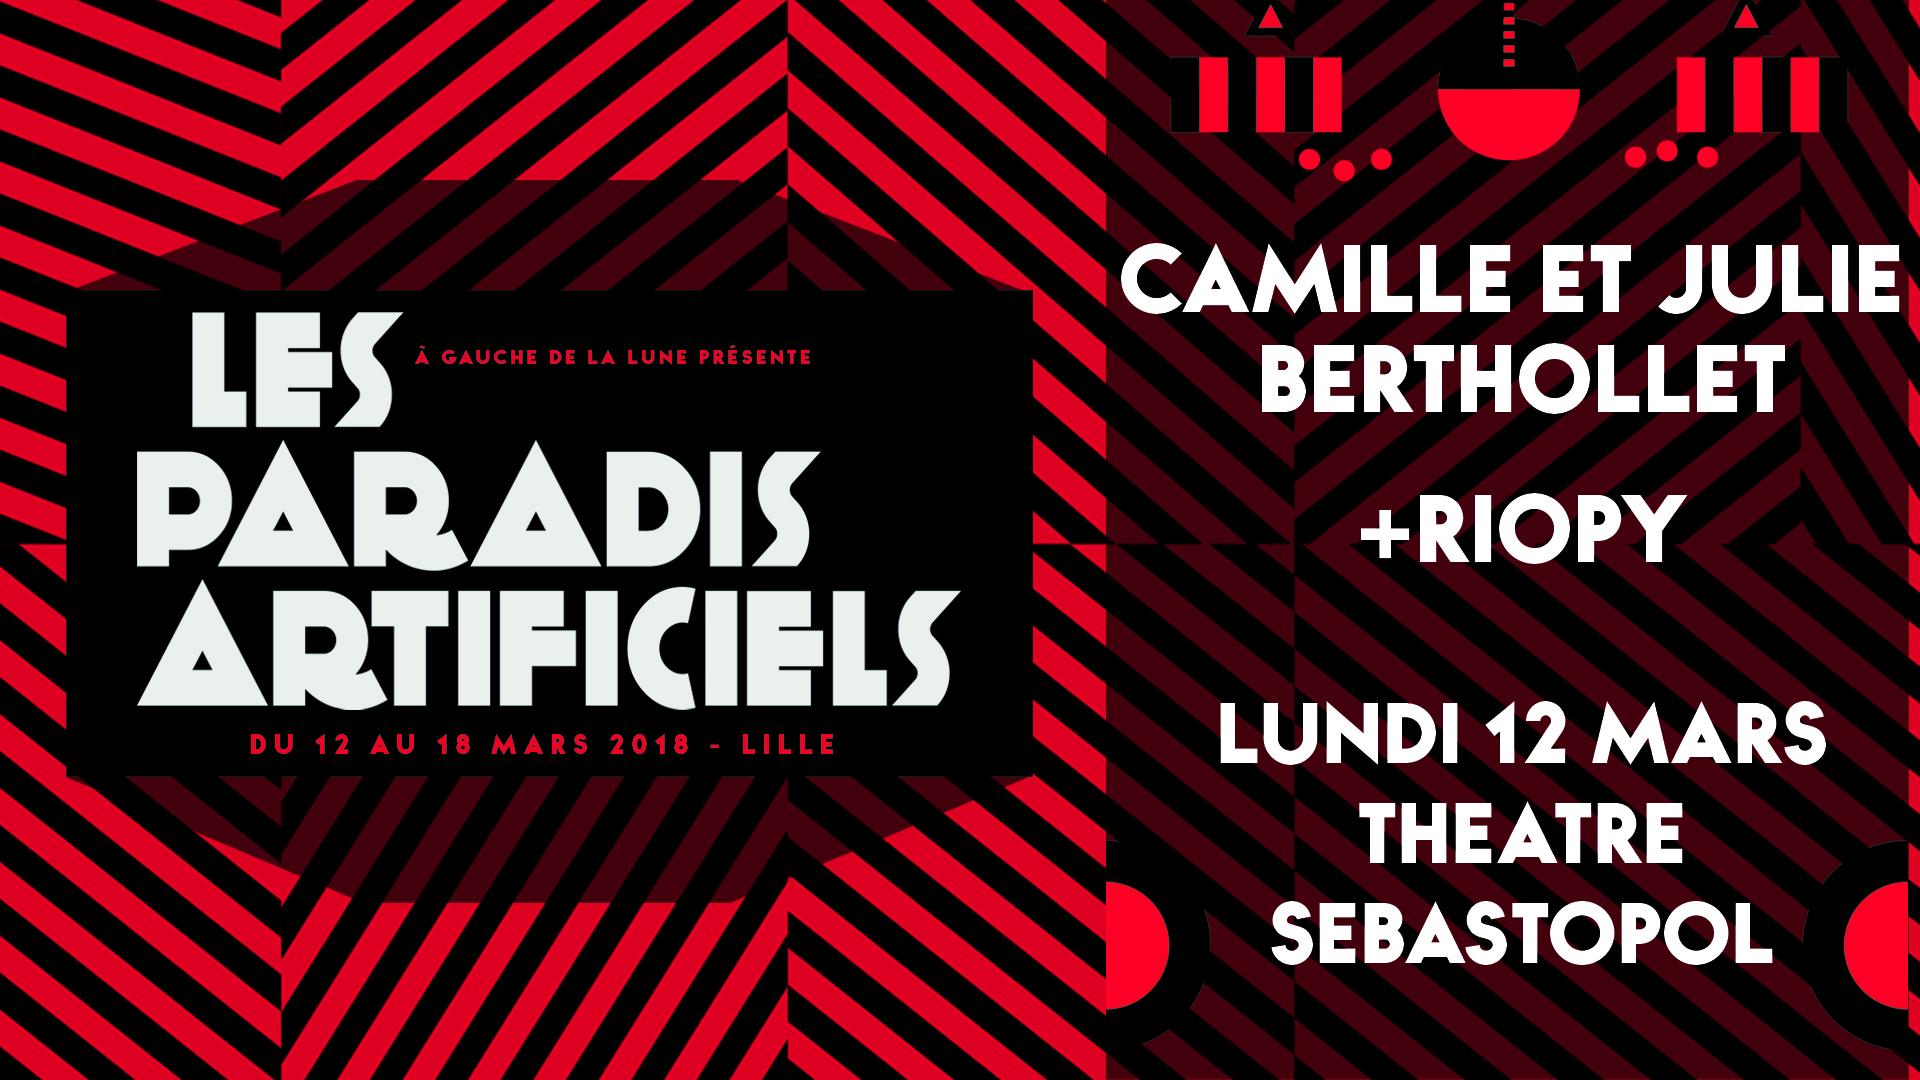 Paradis Artificiels 2018 : Camille et Julie Berthollet + Riopy